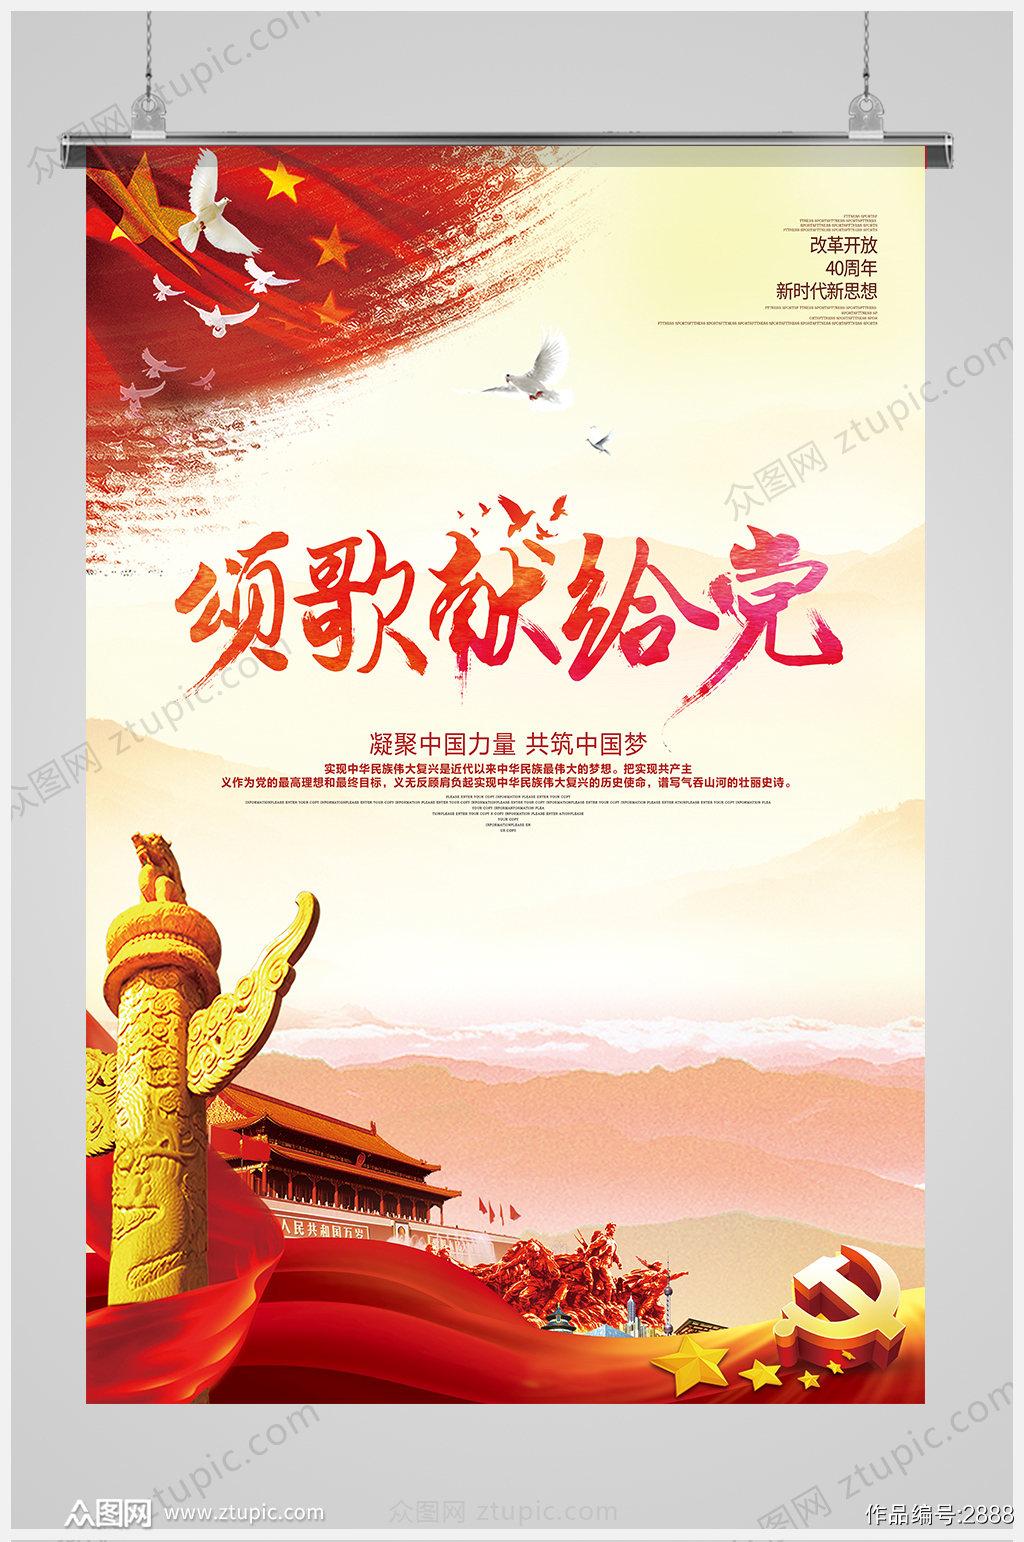 共筑中国梦党建展板设计素材